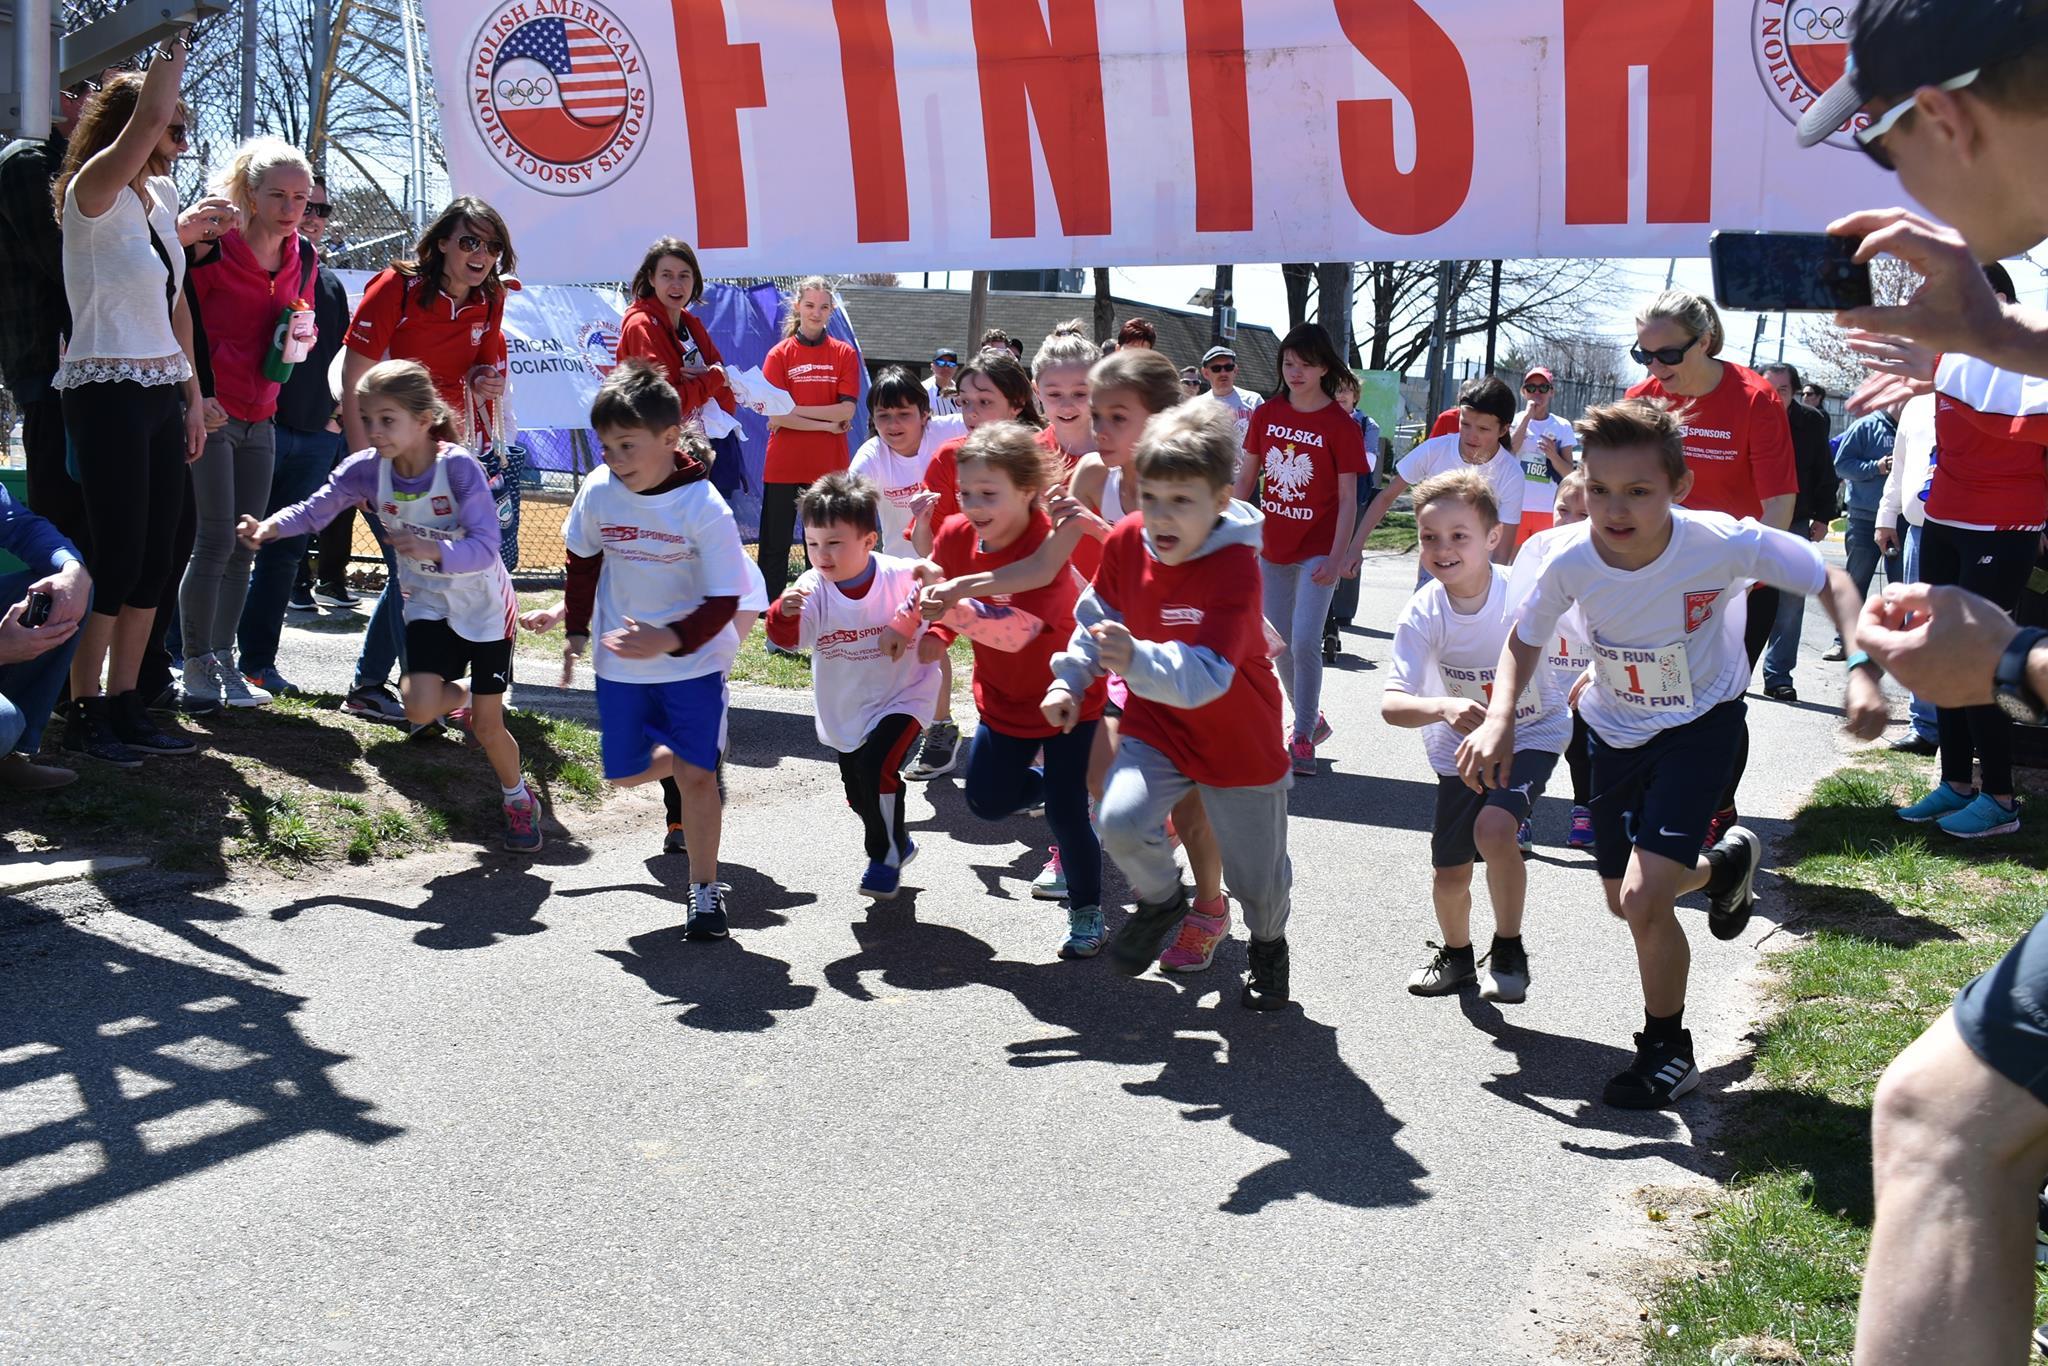 PSFCU sponsorem 6. edycji Biegu Polonii 5K Run w Garfield, NJ